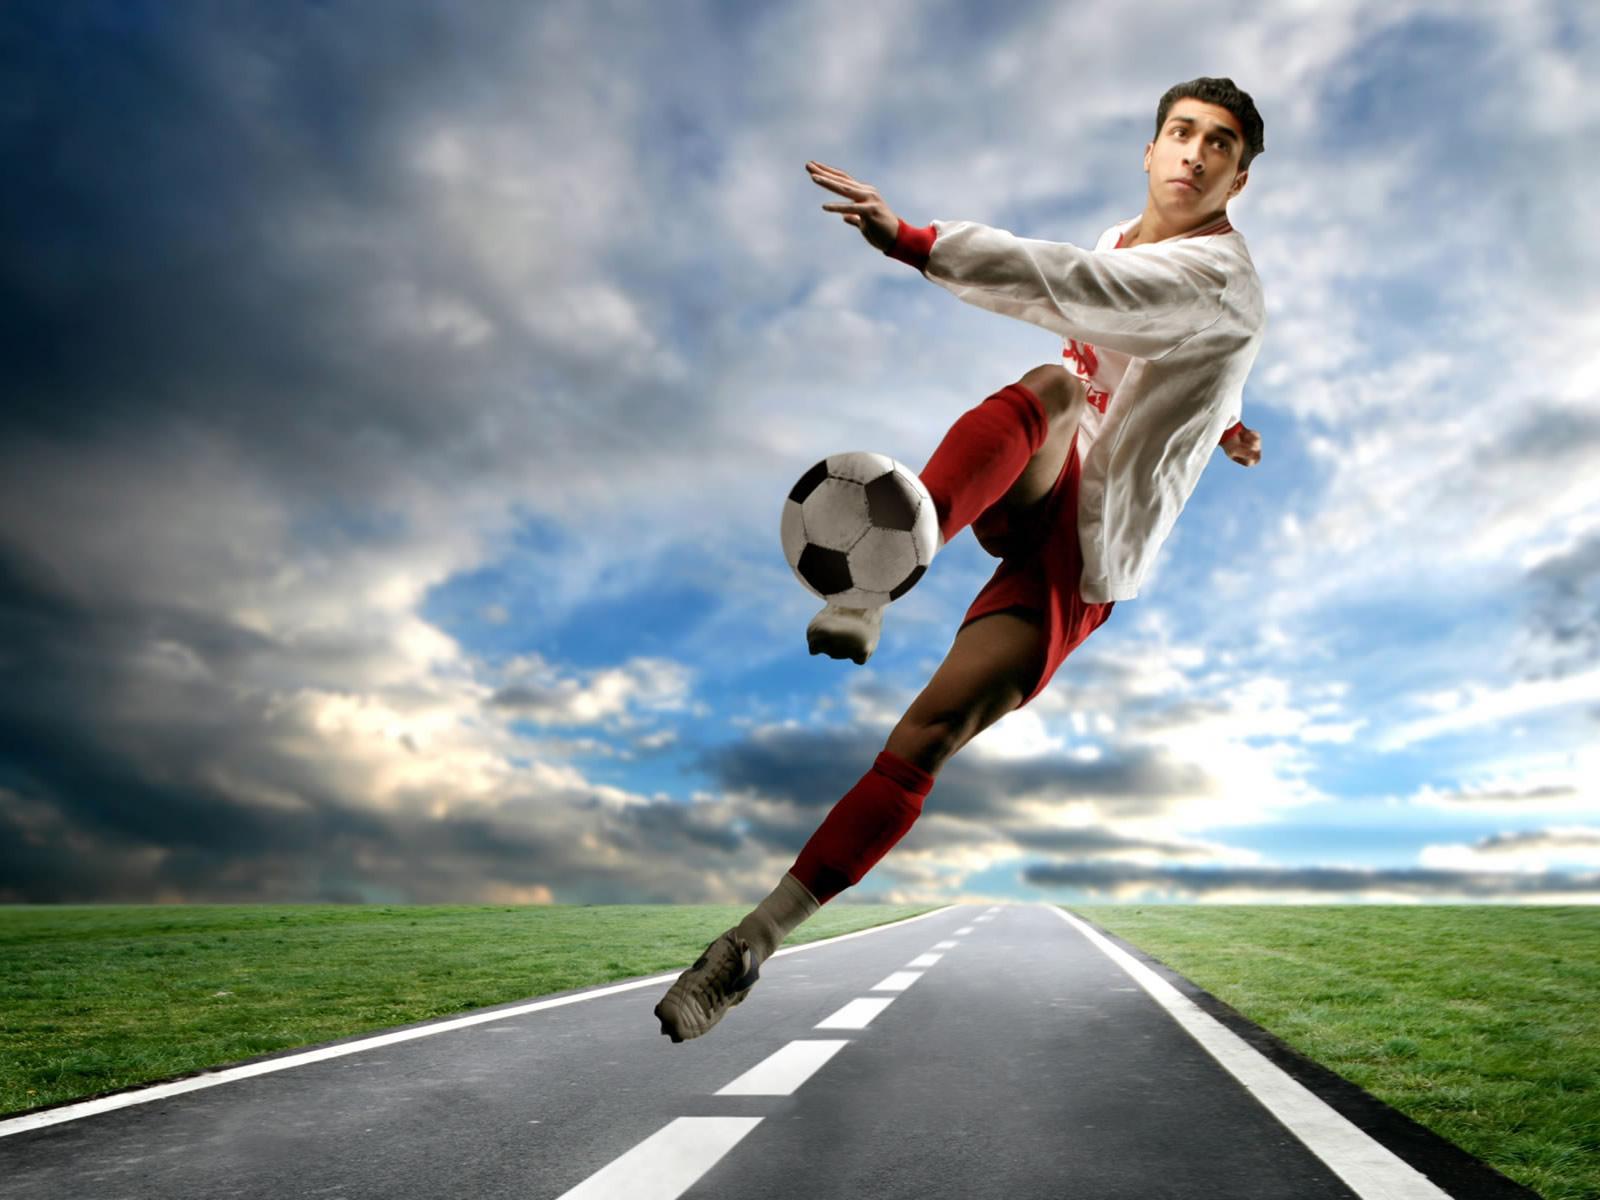 http://1.bp.blogspot.com/-Dag3GUI2Zpc/ULTiWYKGPII/AAAAAAAABE0/n6J_akyRHyY/s1600/football-wallpaper-17.jpg